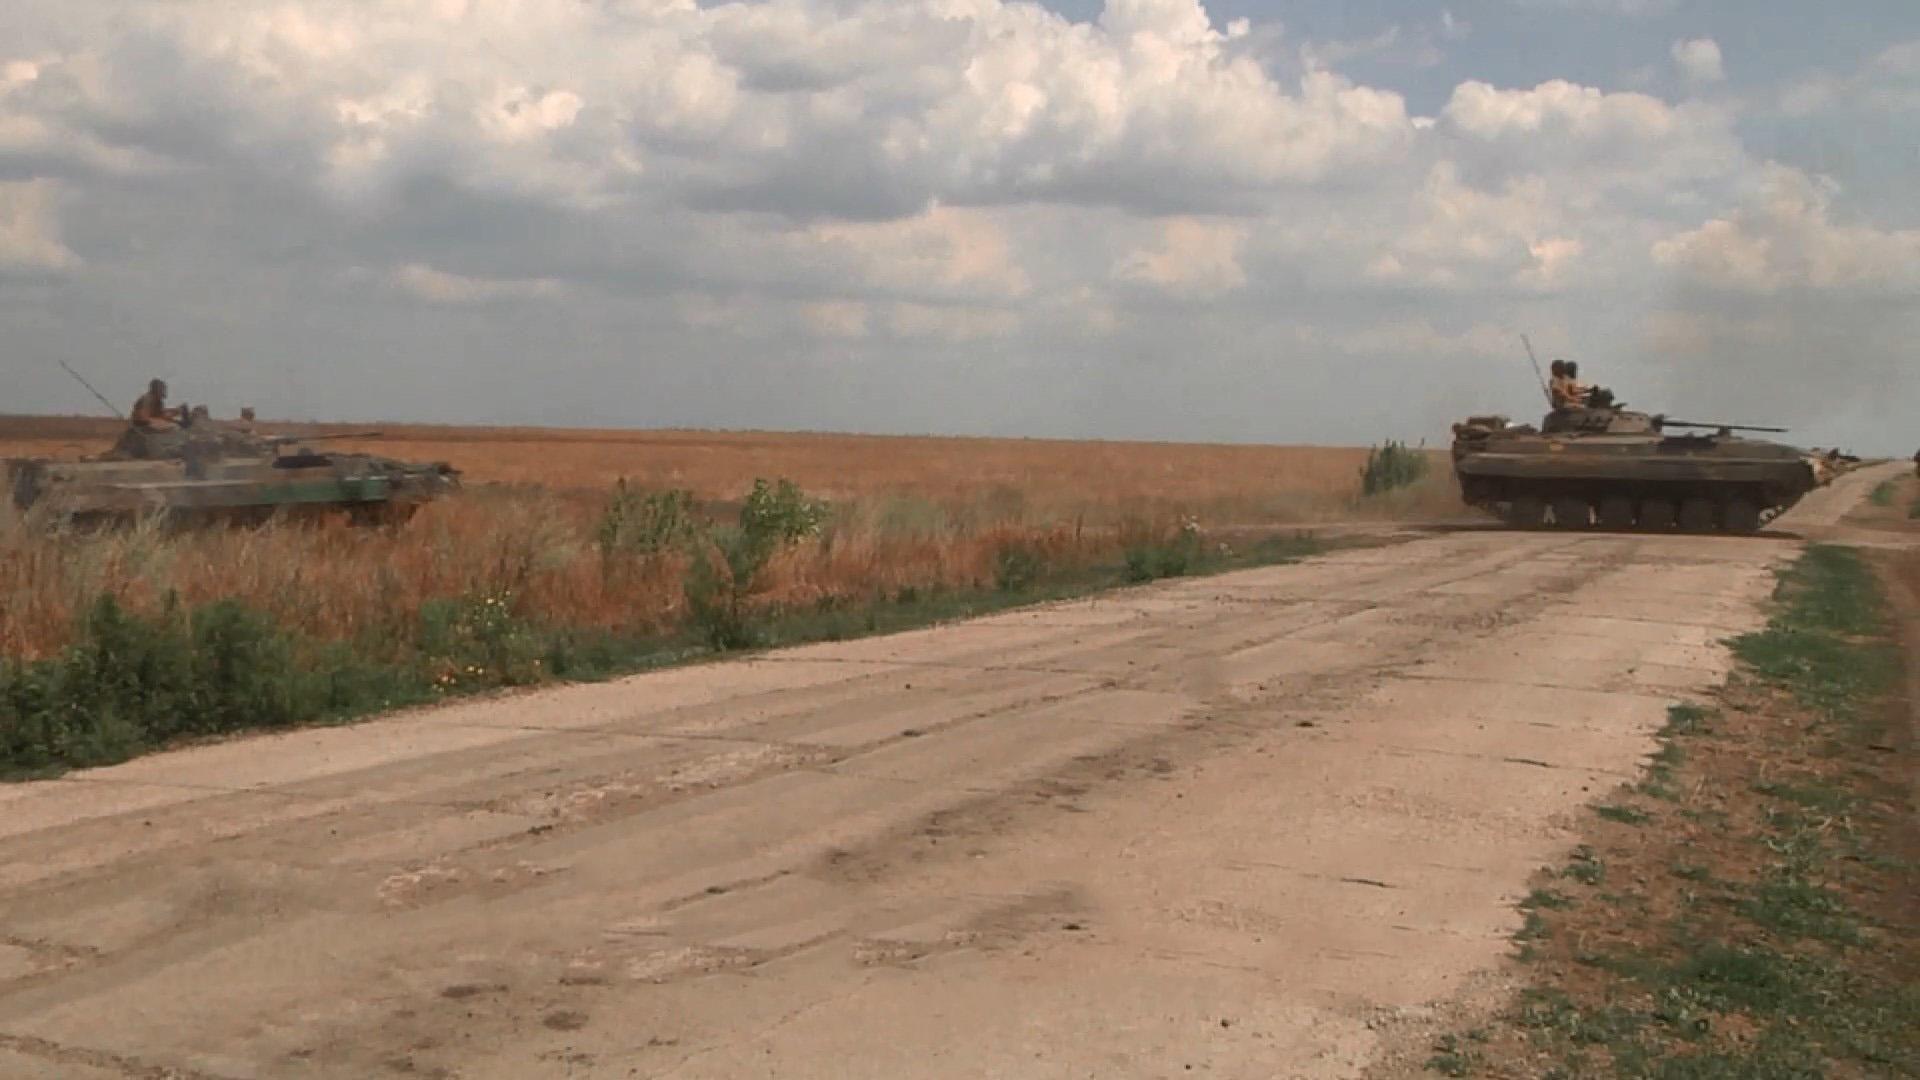 Уничтожение противника и захват позиций: как проходят учения украинских бойцов - Новости Украина - 24 Канал